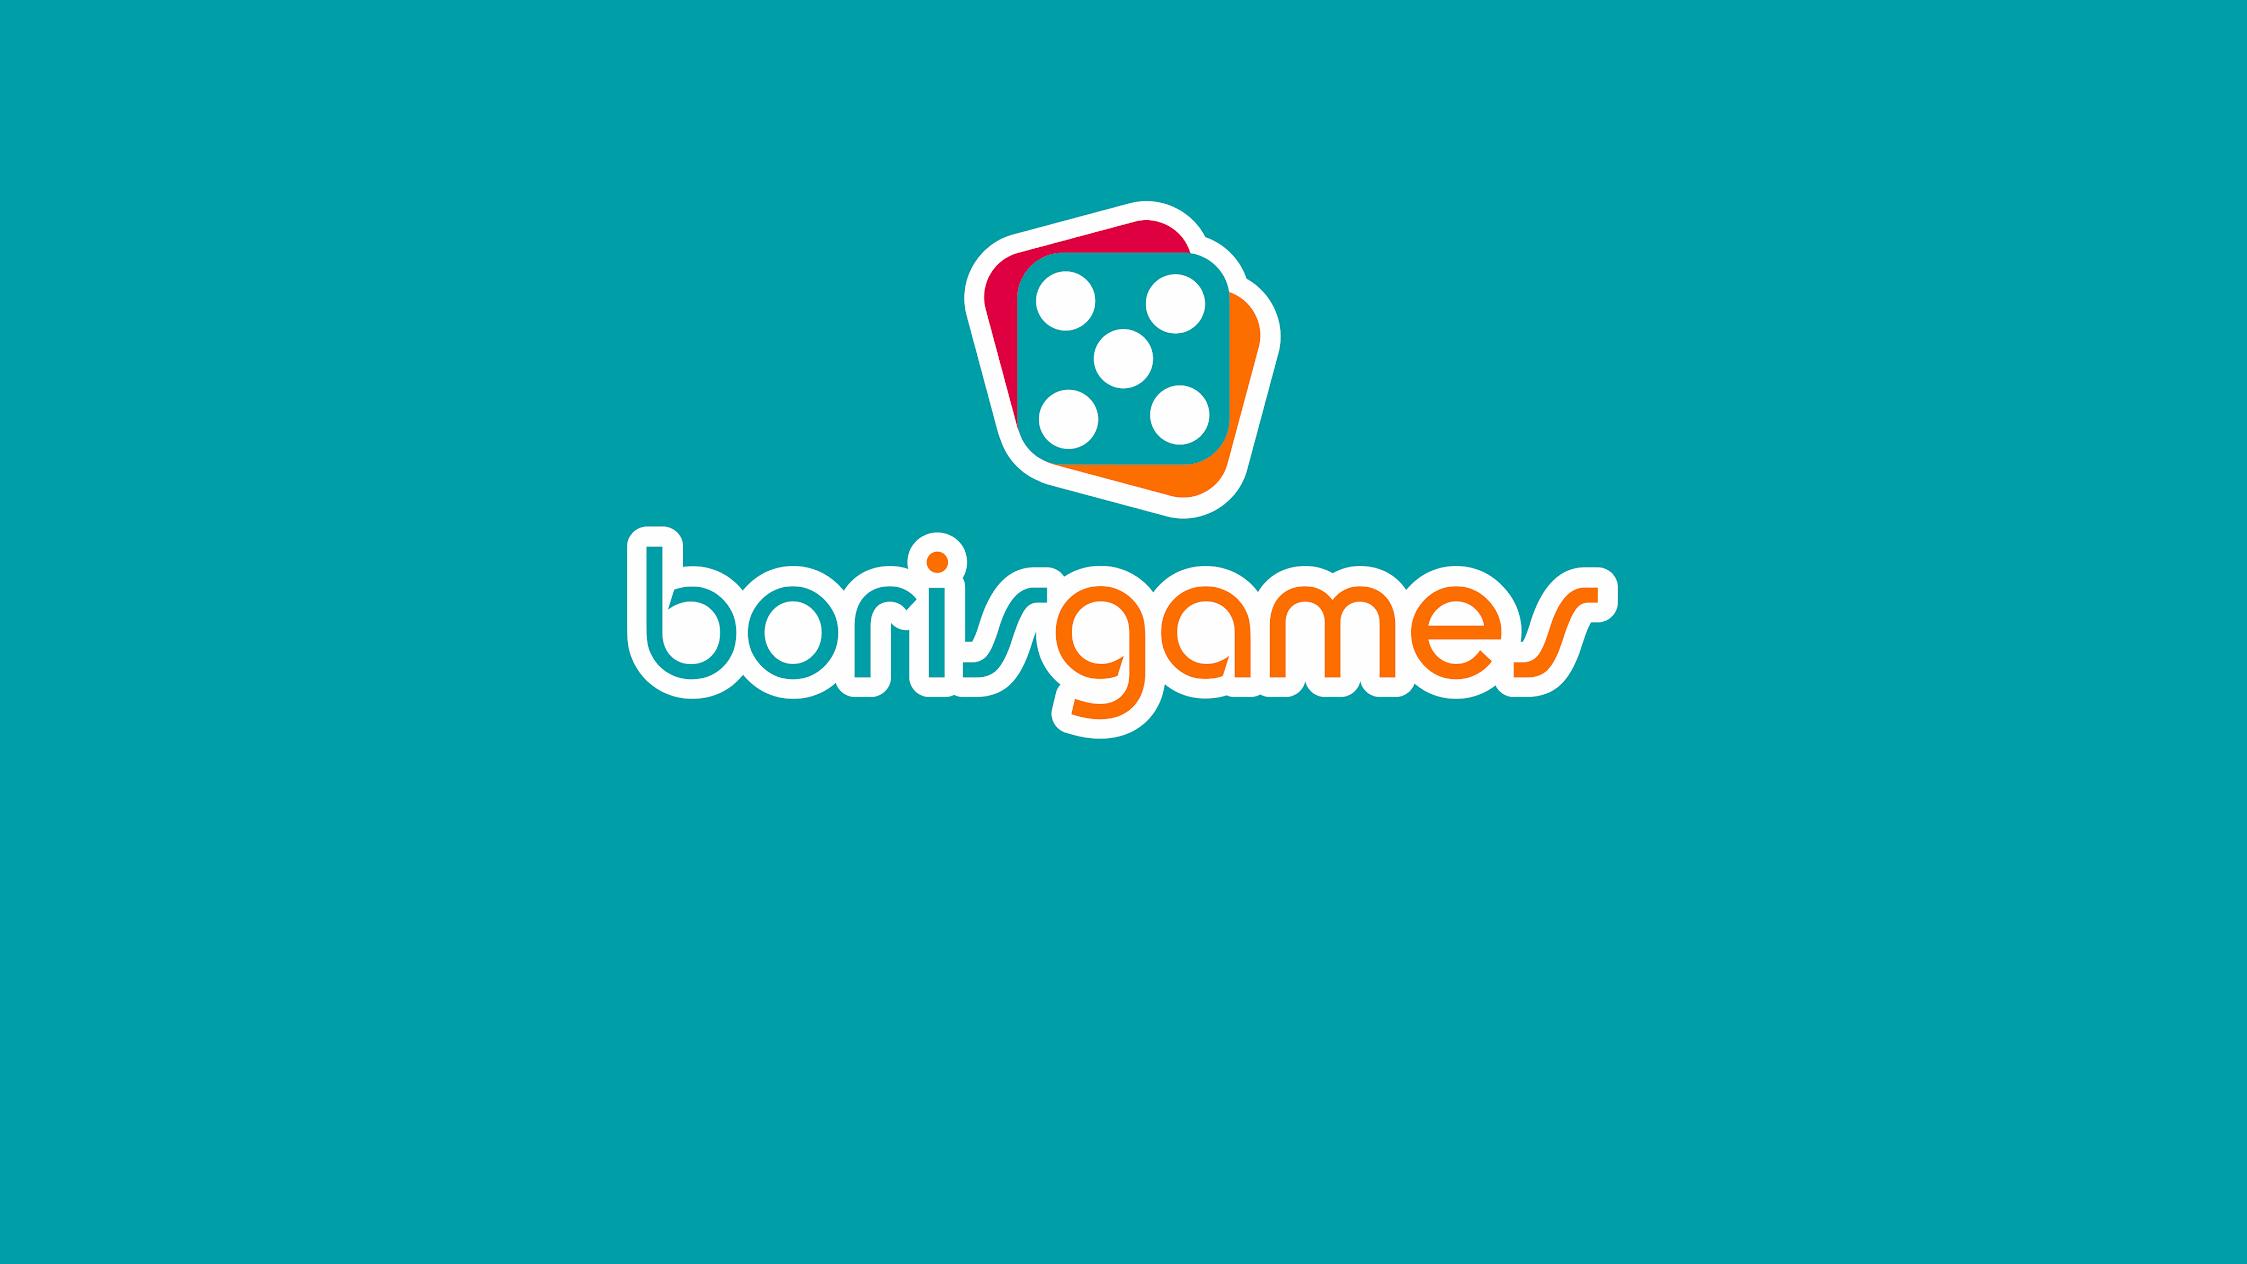 borisgames